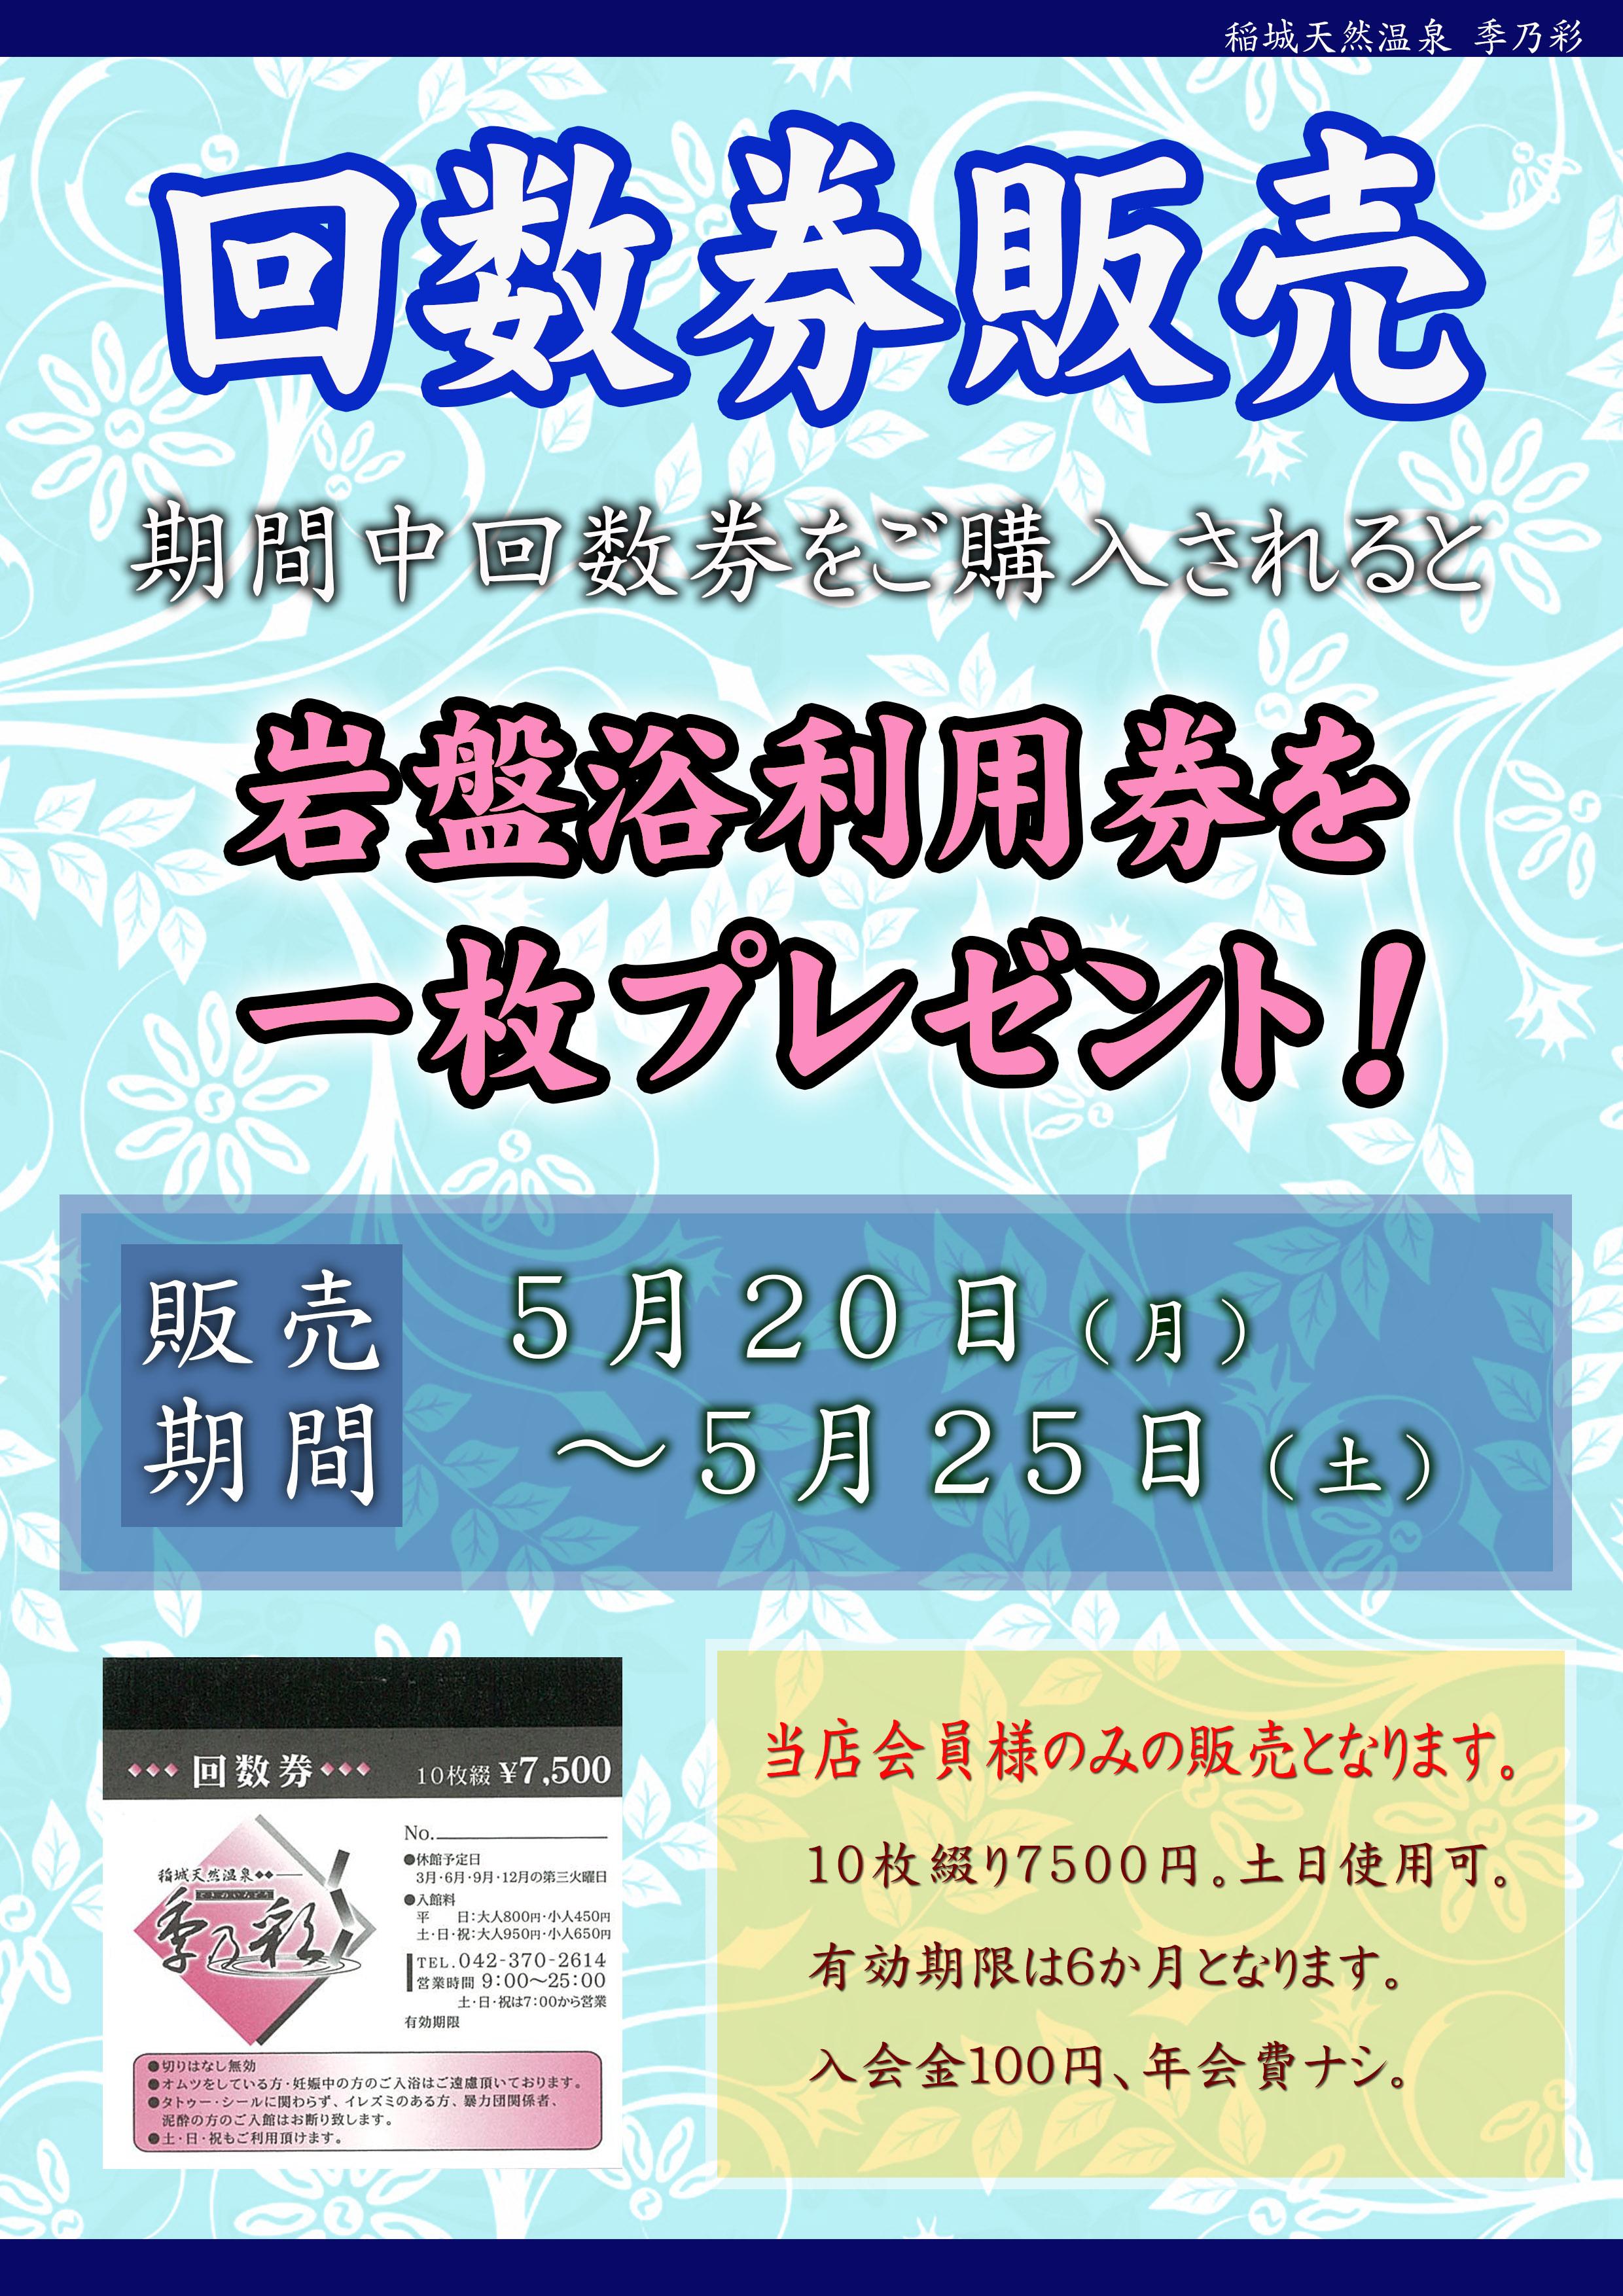 201905POP イベント 回数券特売 岩盤浴券付与【入会100円】青